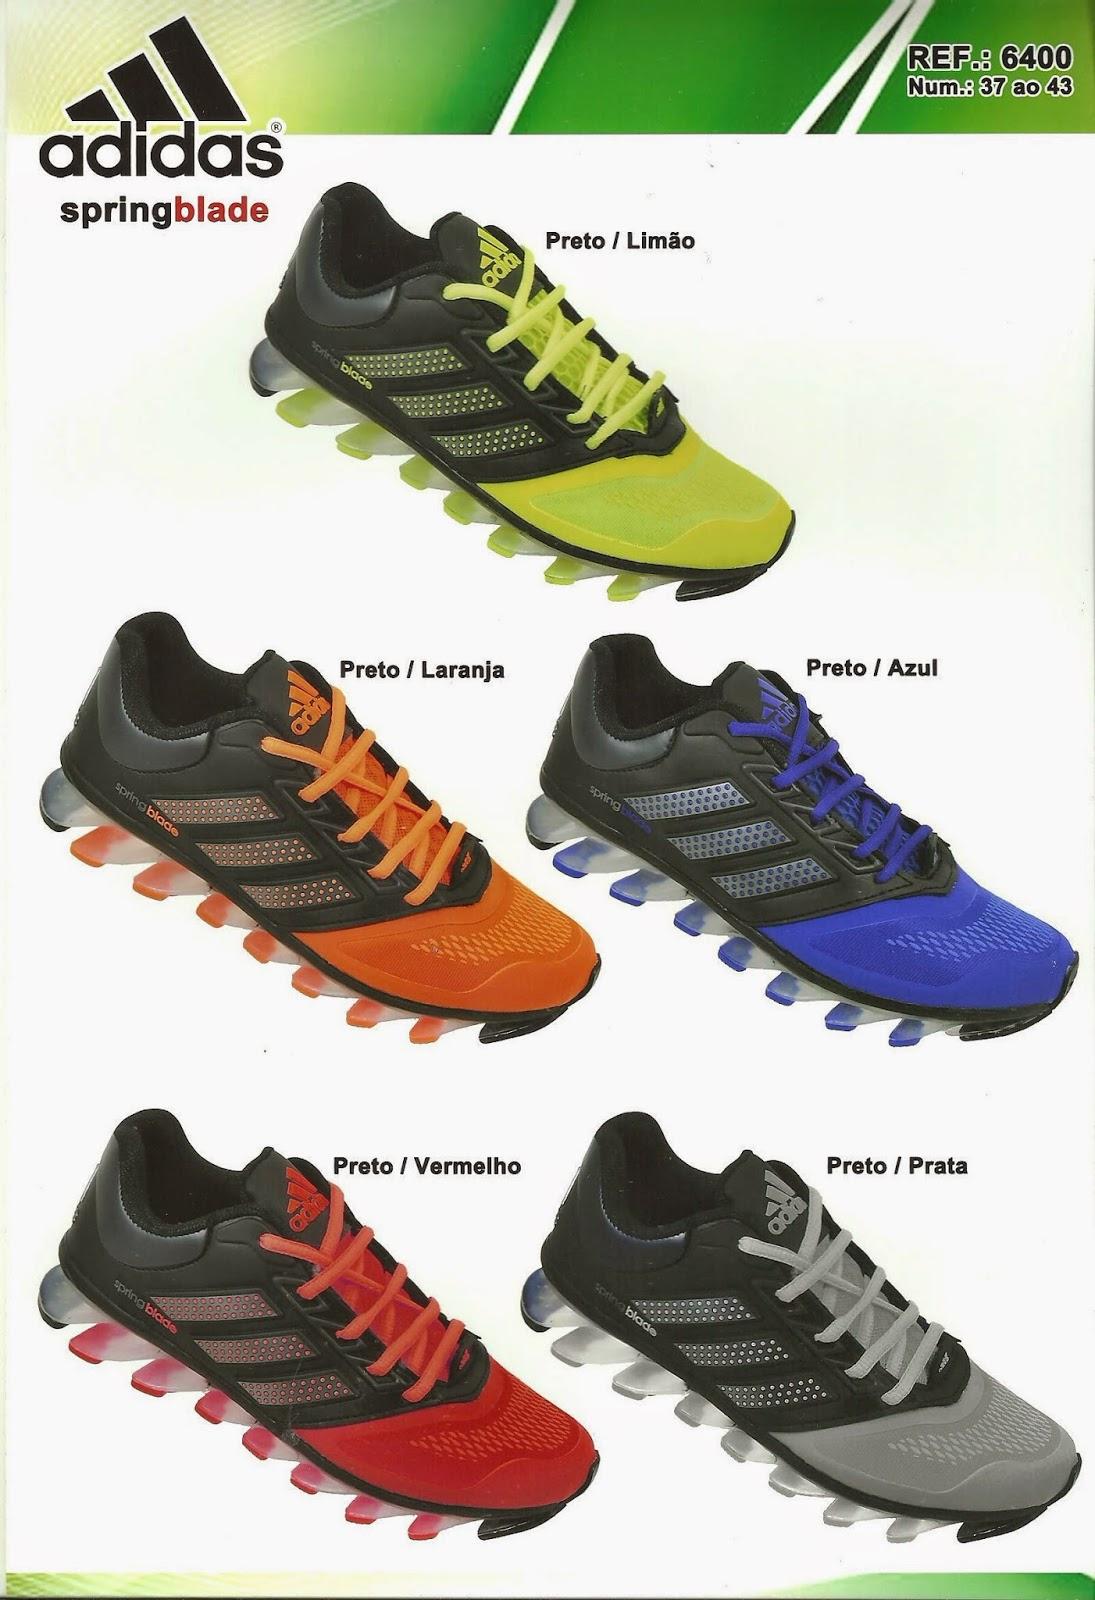 ... Tenis adidas masculino whatsapp REBAIXAS fevereiro Clasf  ecdbfb01f8b39b  TENIS ATACADO CAIXA FECHADA ede37e157dc8cc ... 64b8a03f5f4ef